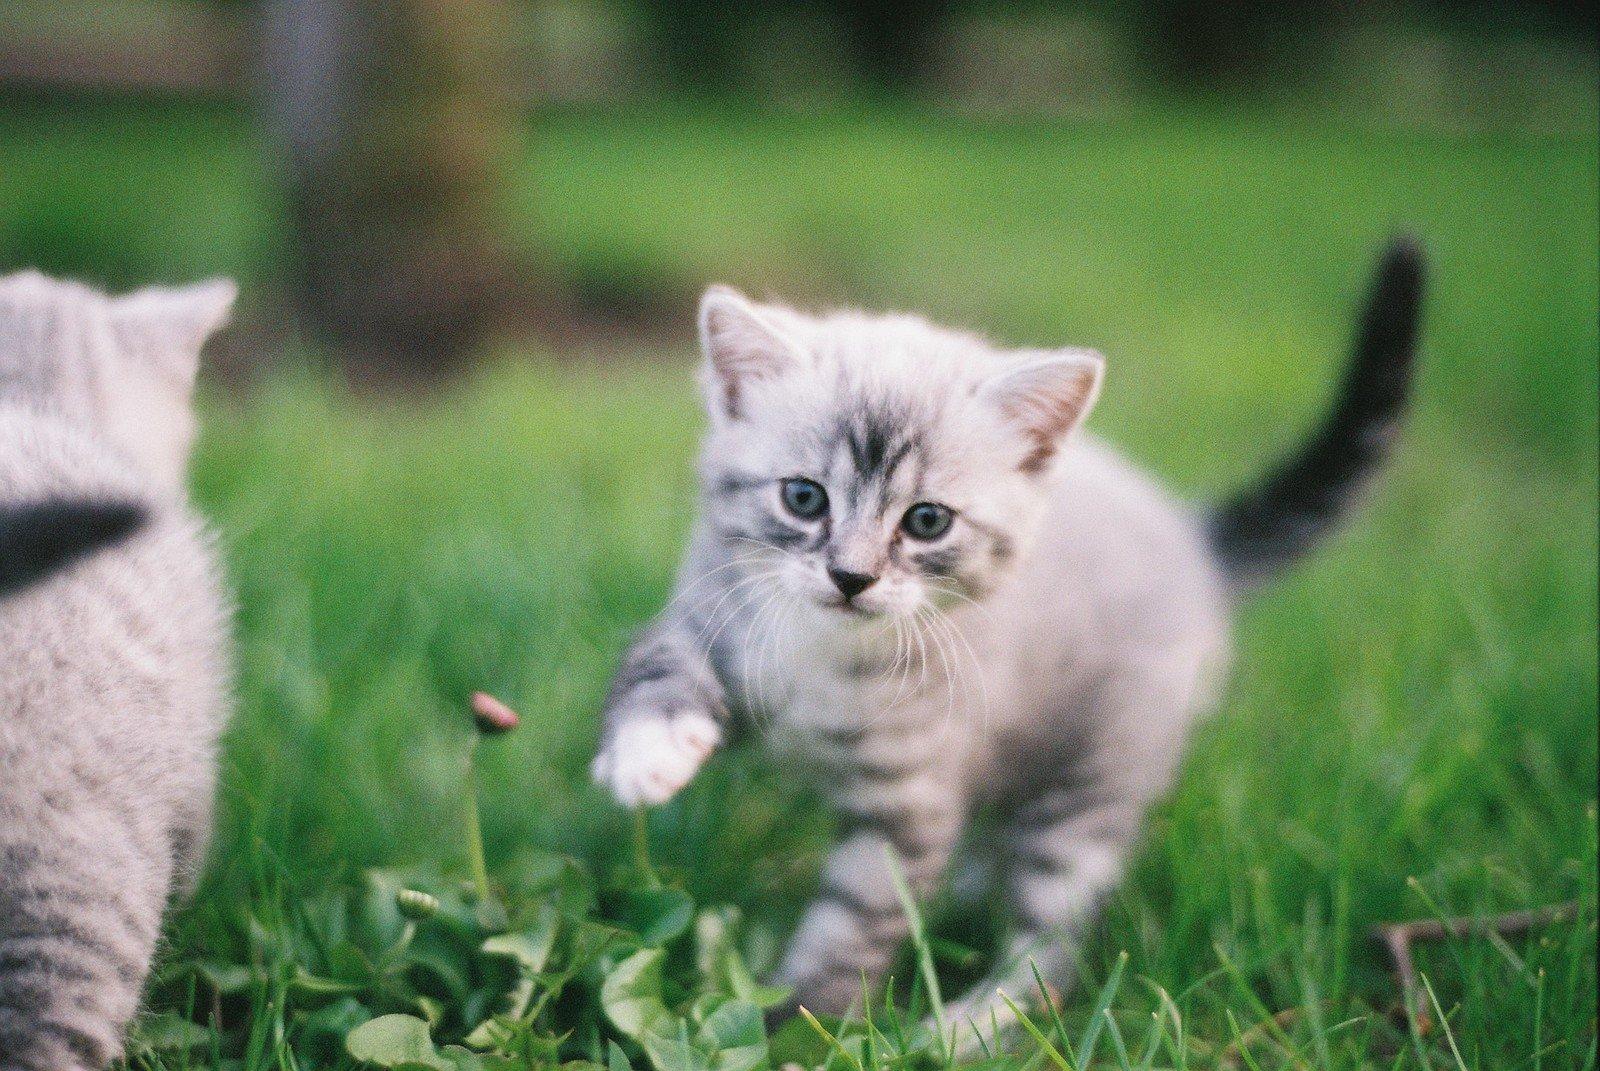 壁纸 动物 猫 猫咪 小猫 桌面 1600_1071